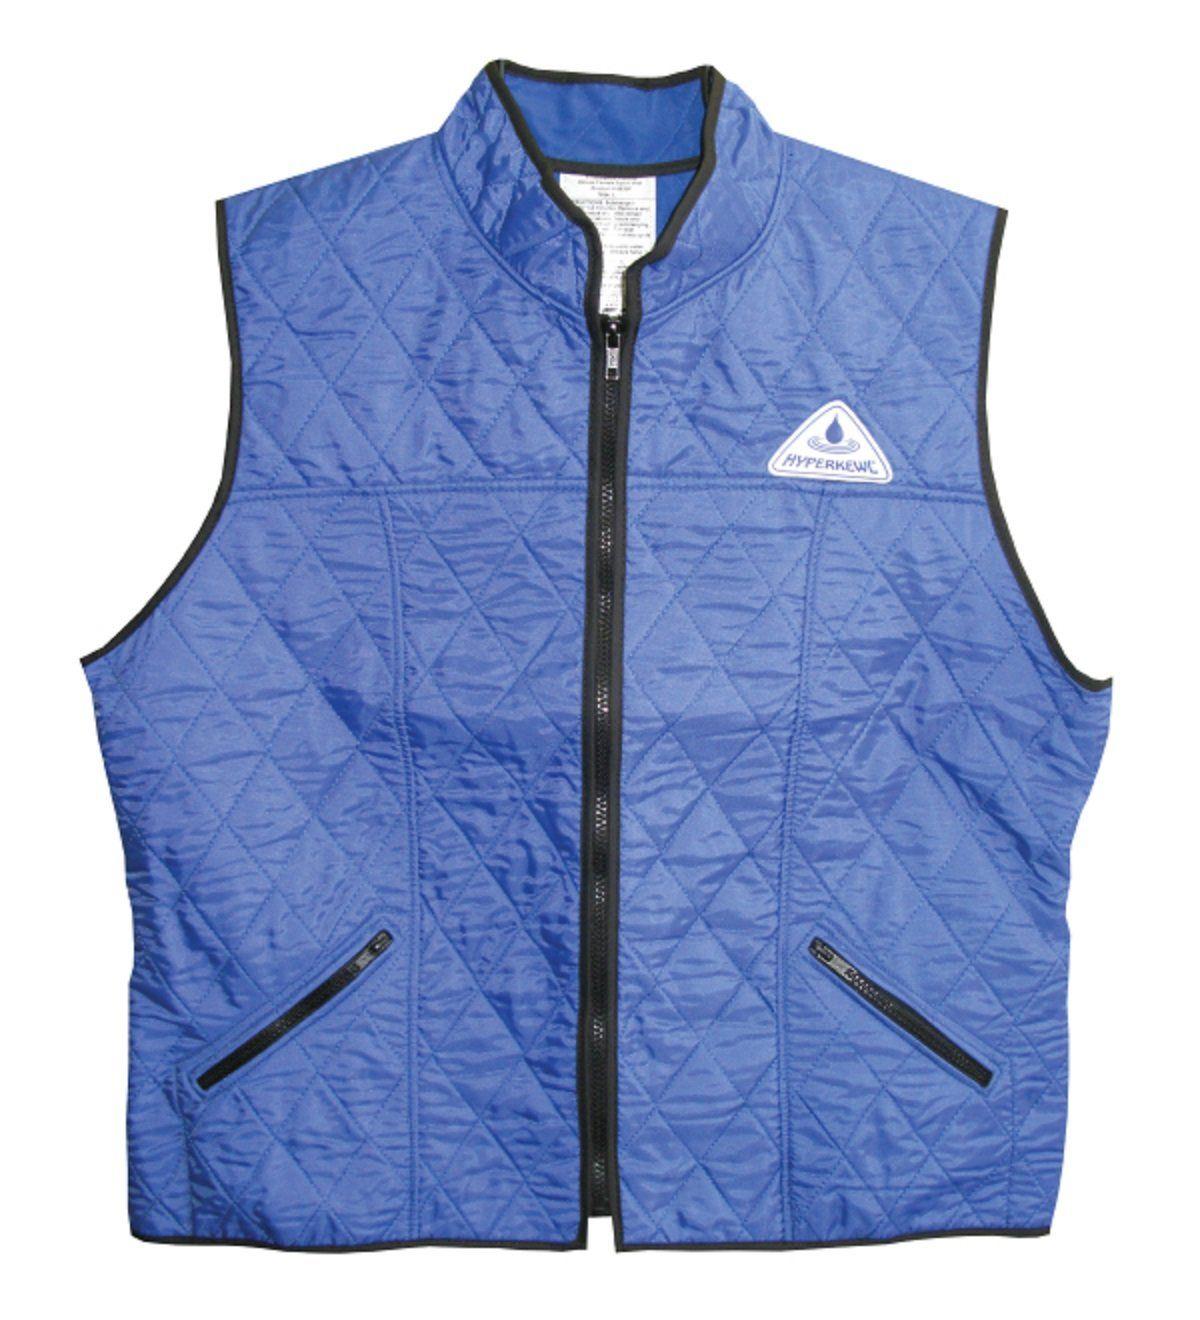 Hyperkewl Evaporative Cooling Female Deluxe Sport Vest Xs Blue